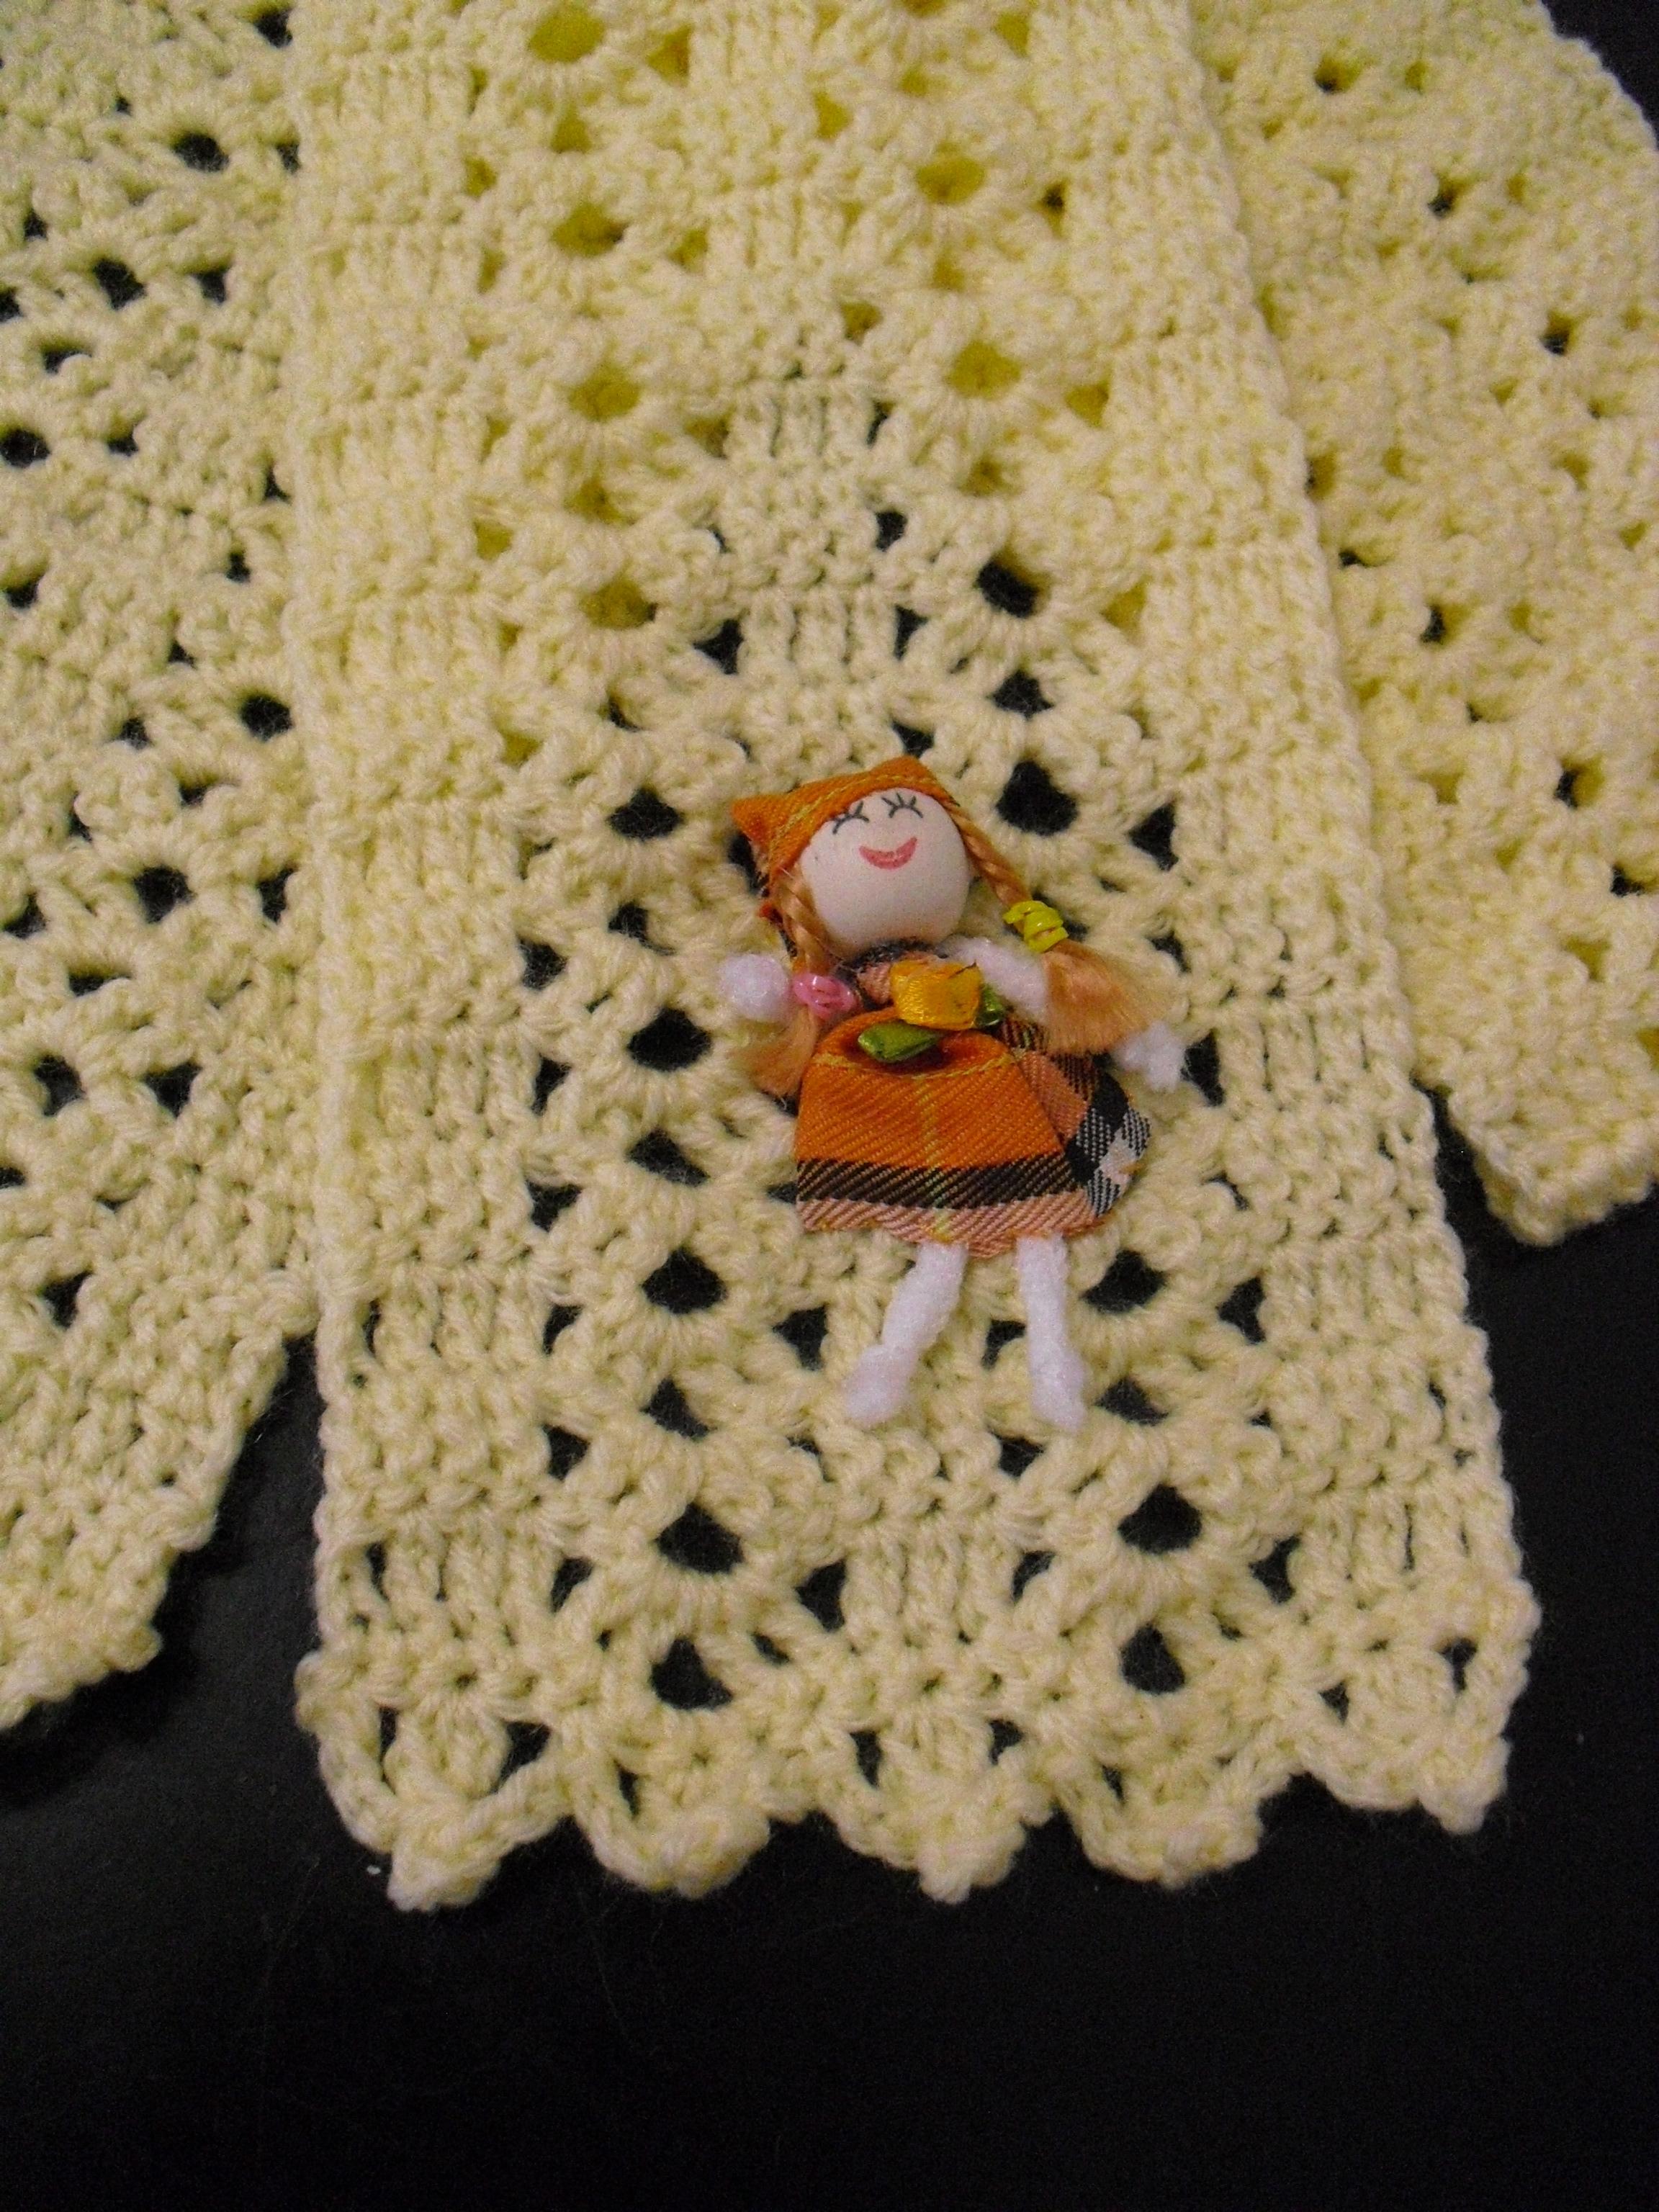 Pormenor do ponto de crochet e da boneca